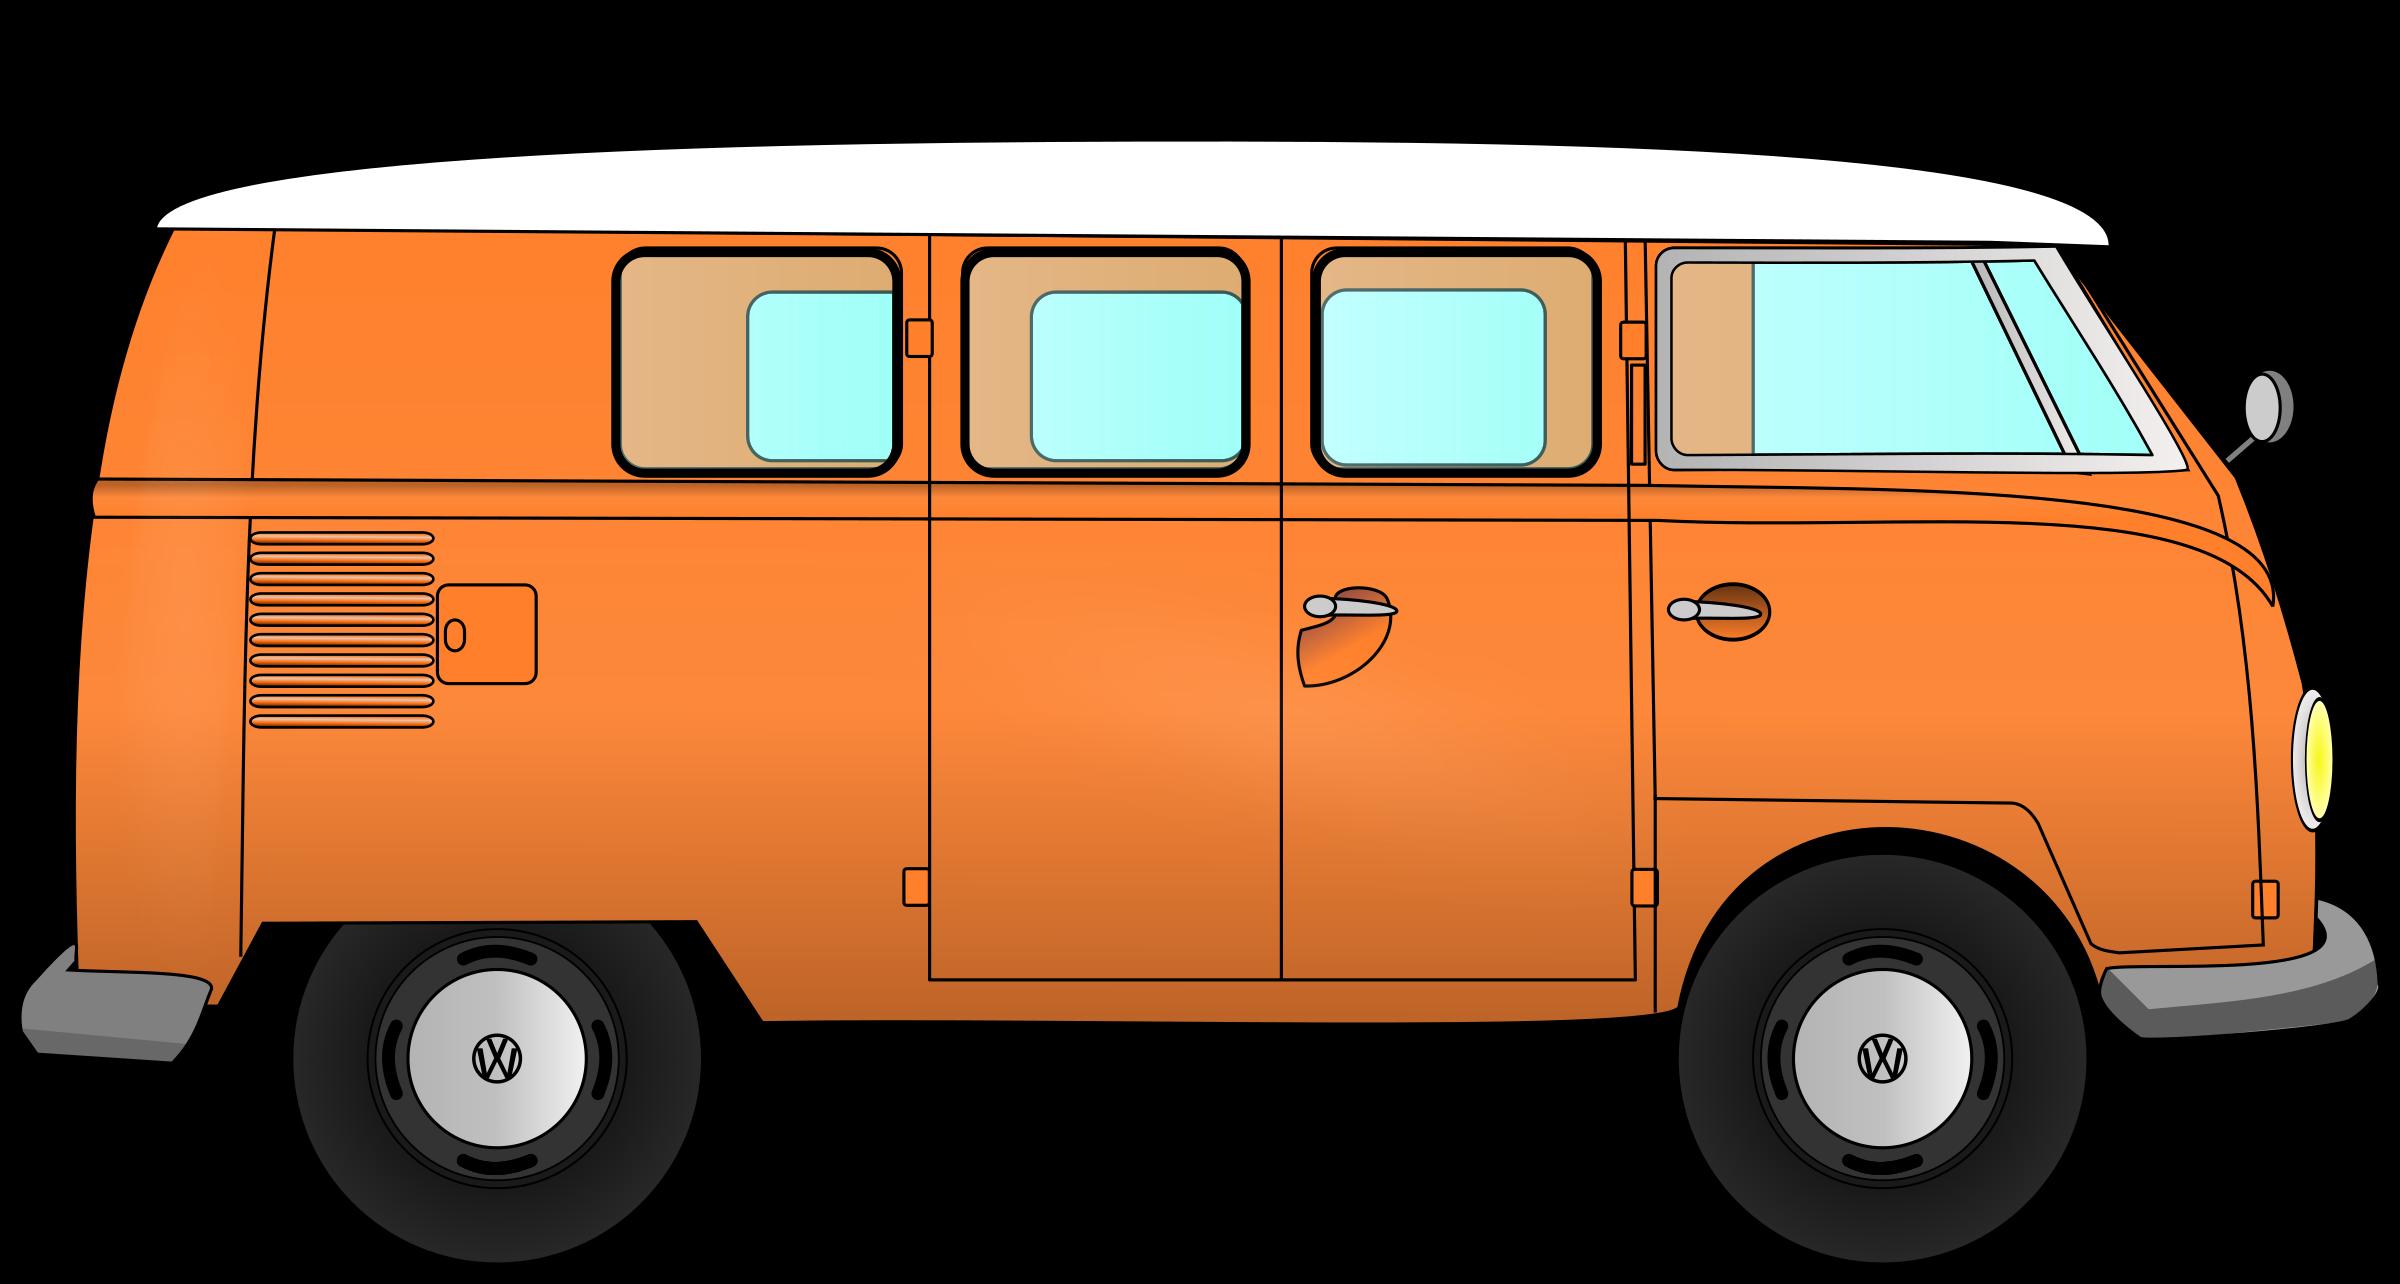 Vw combi big image. Minivan clipart small bus